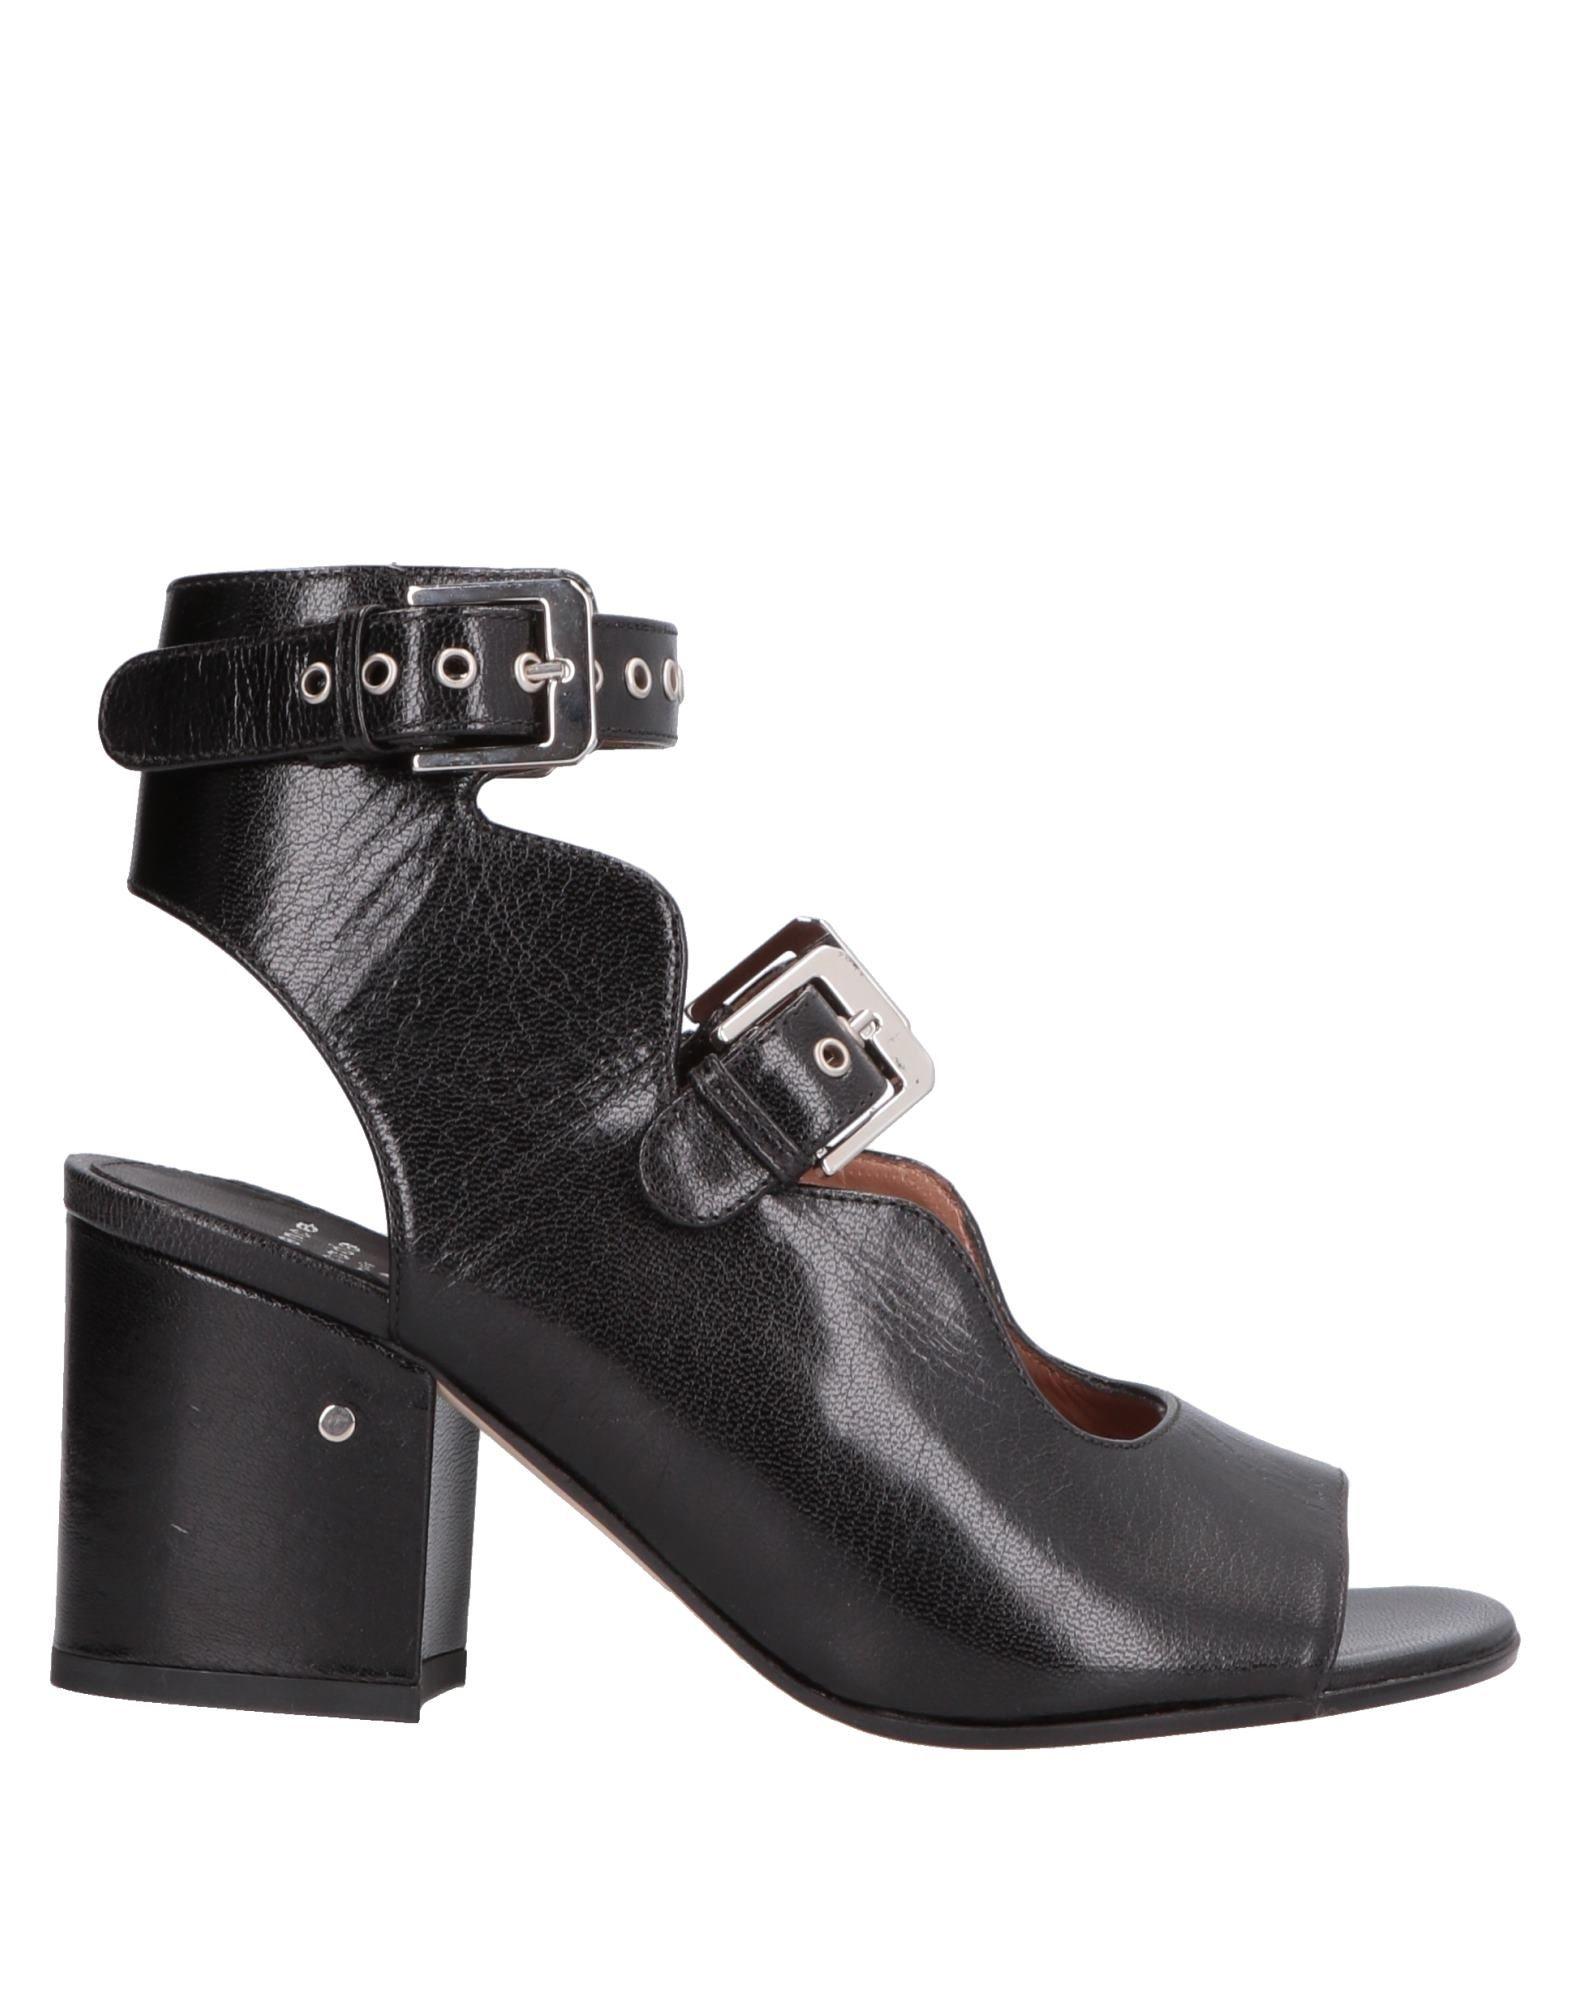 Laurence Dacade Sandalen Damen 11414460CPGünstige gut Schuhe aussehende Schuhe gut 639d03